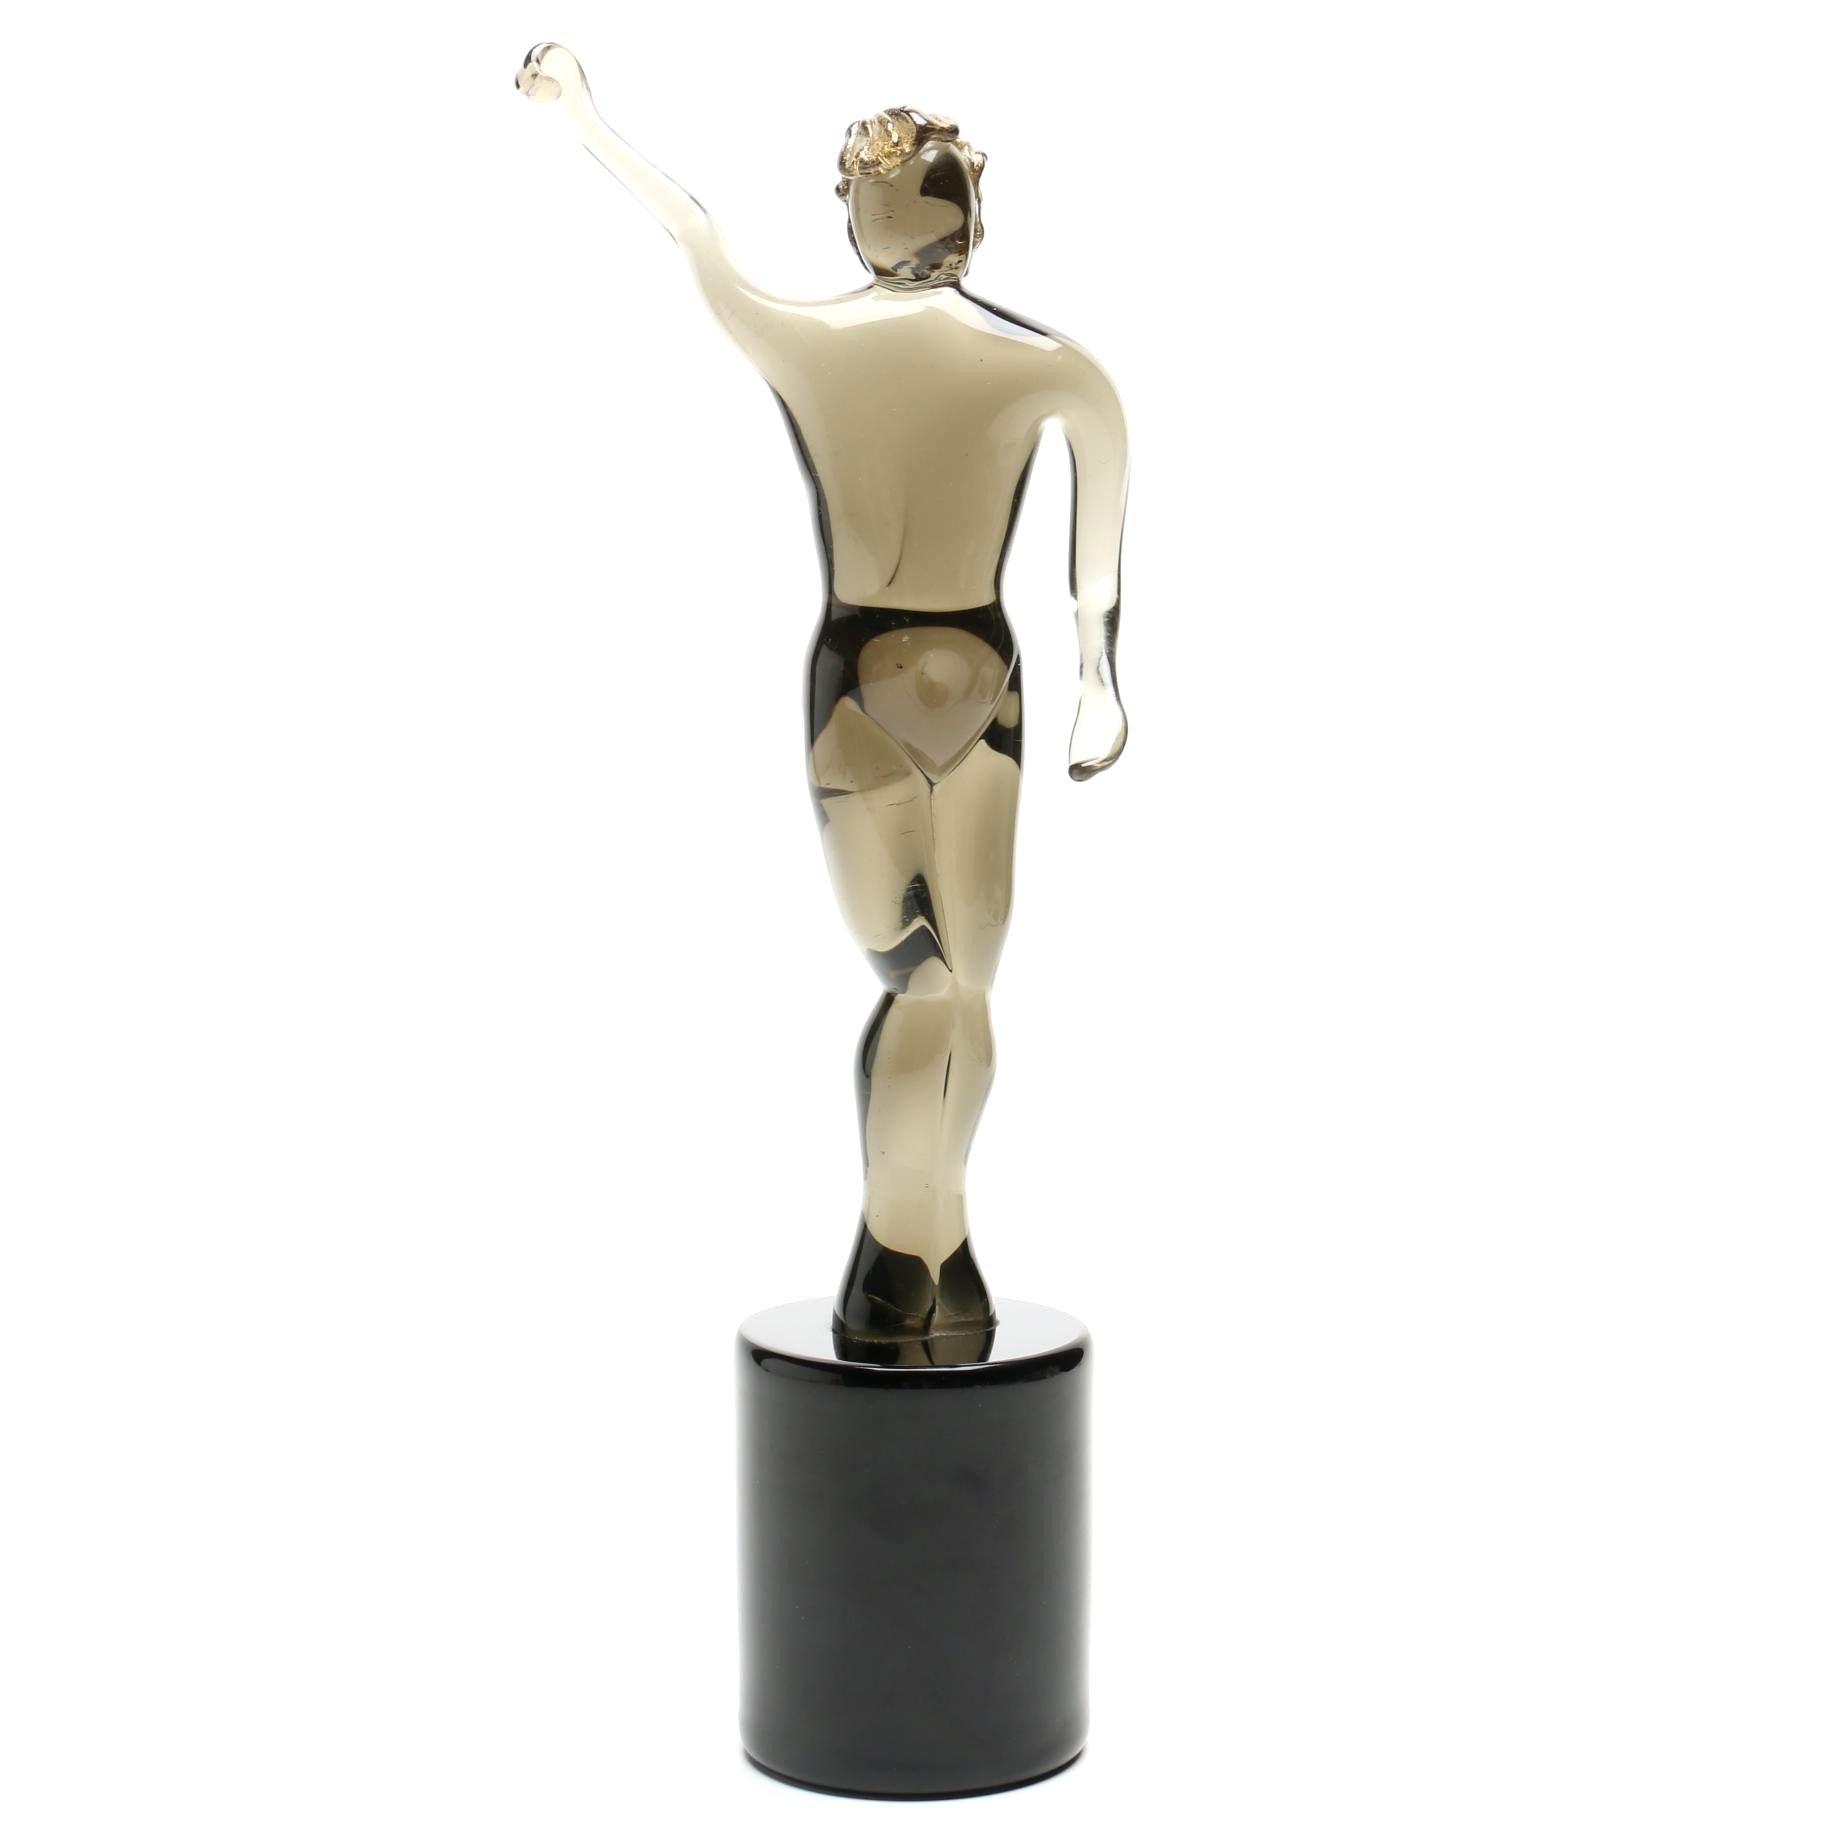 Art Glass of a Standing Man